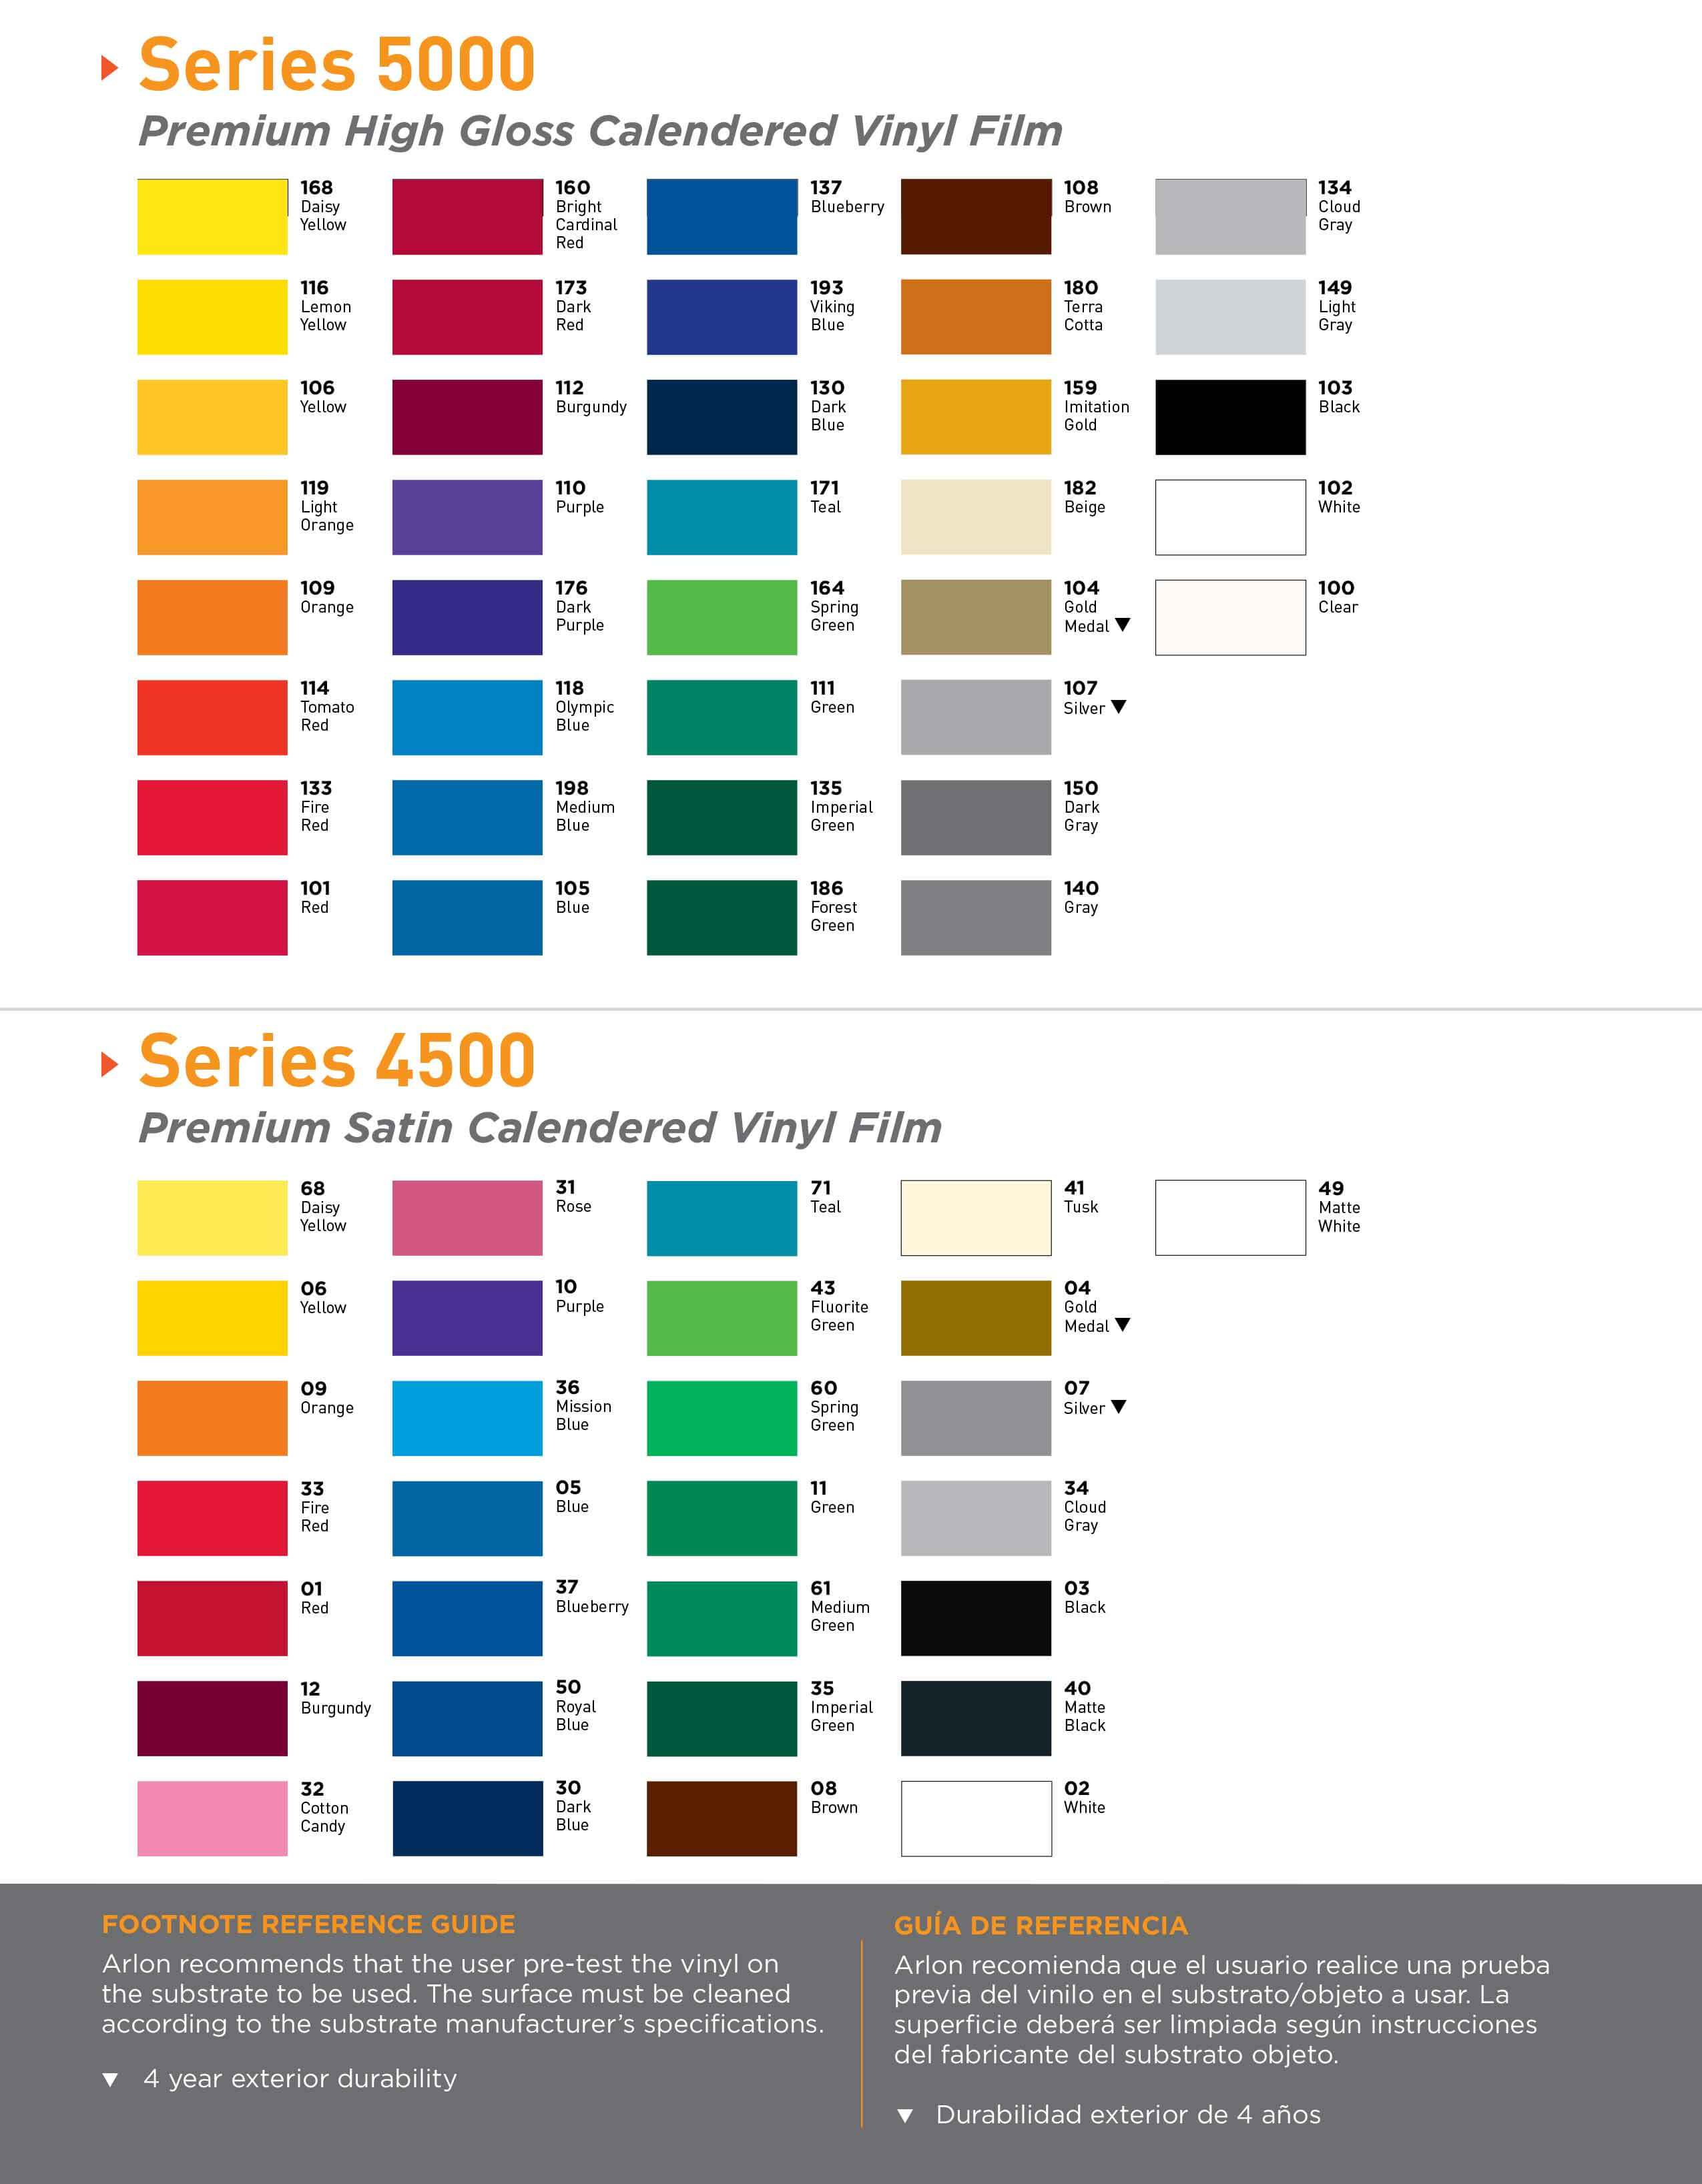 Fabrica del vinil paleta de colores fabrica del vinil for Muestrario de pinturas